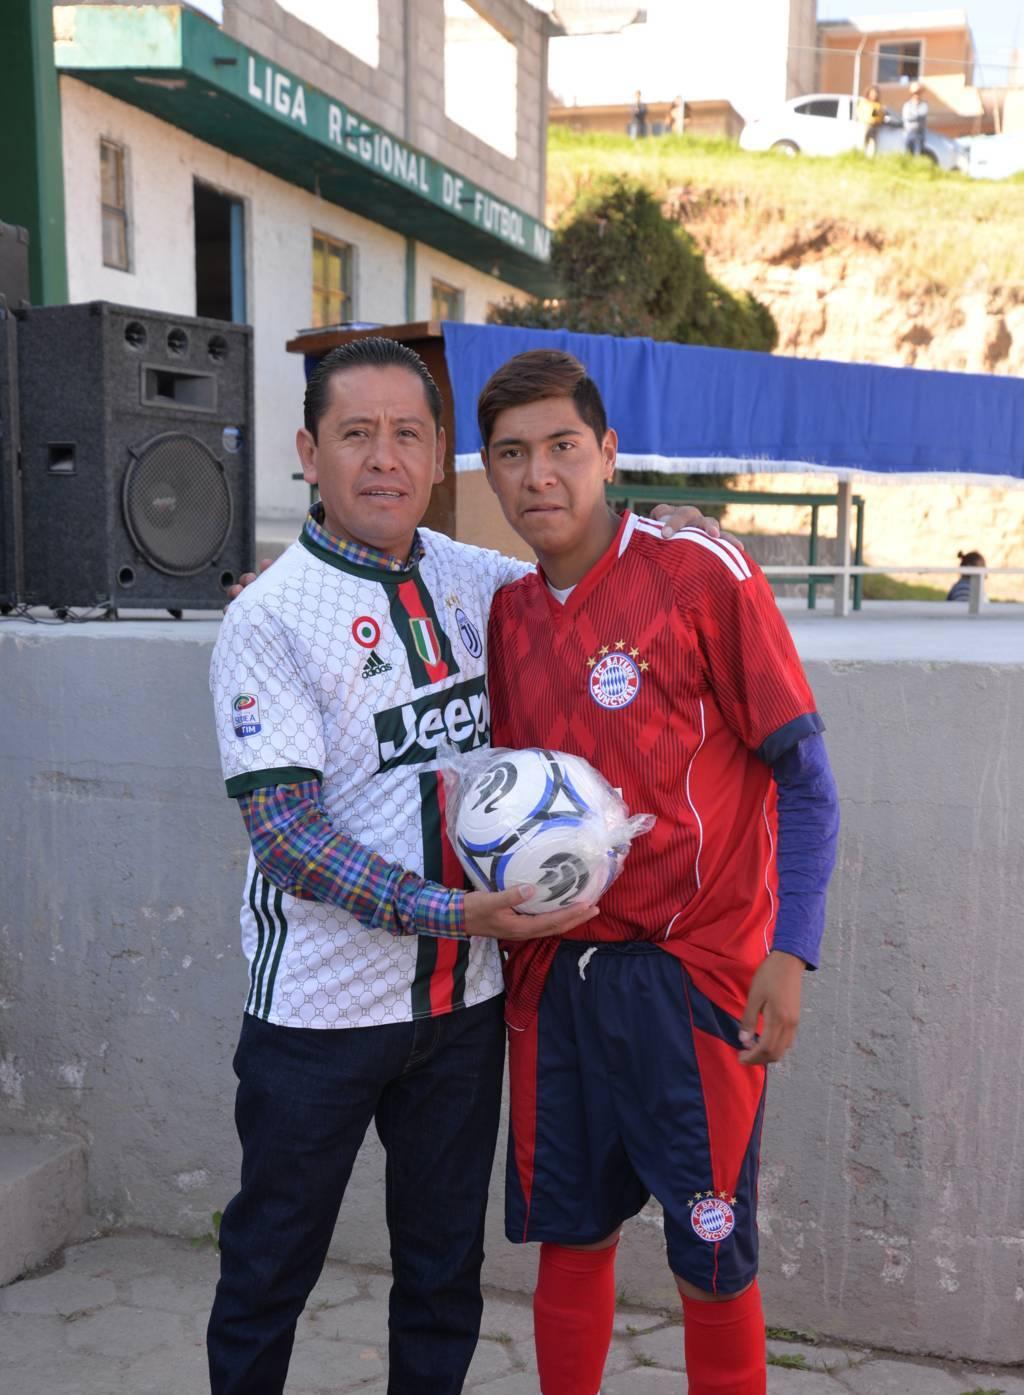 Sánchez Flores impulsa el deporte en niños y jóvenes con torneo de futbol